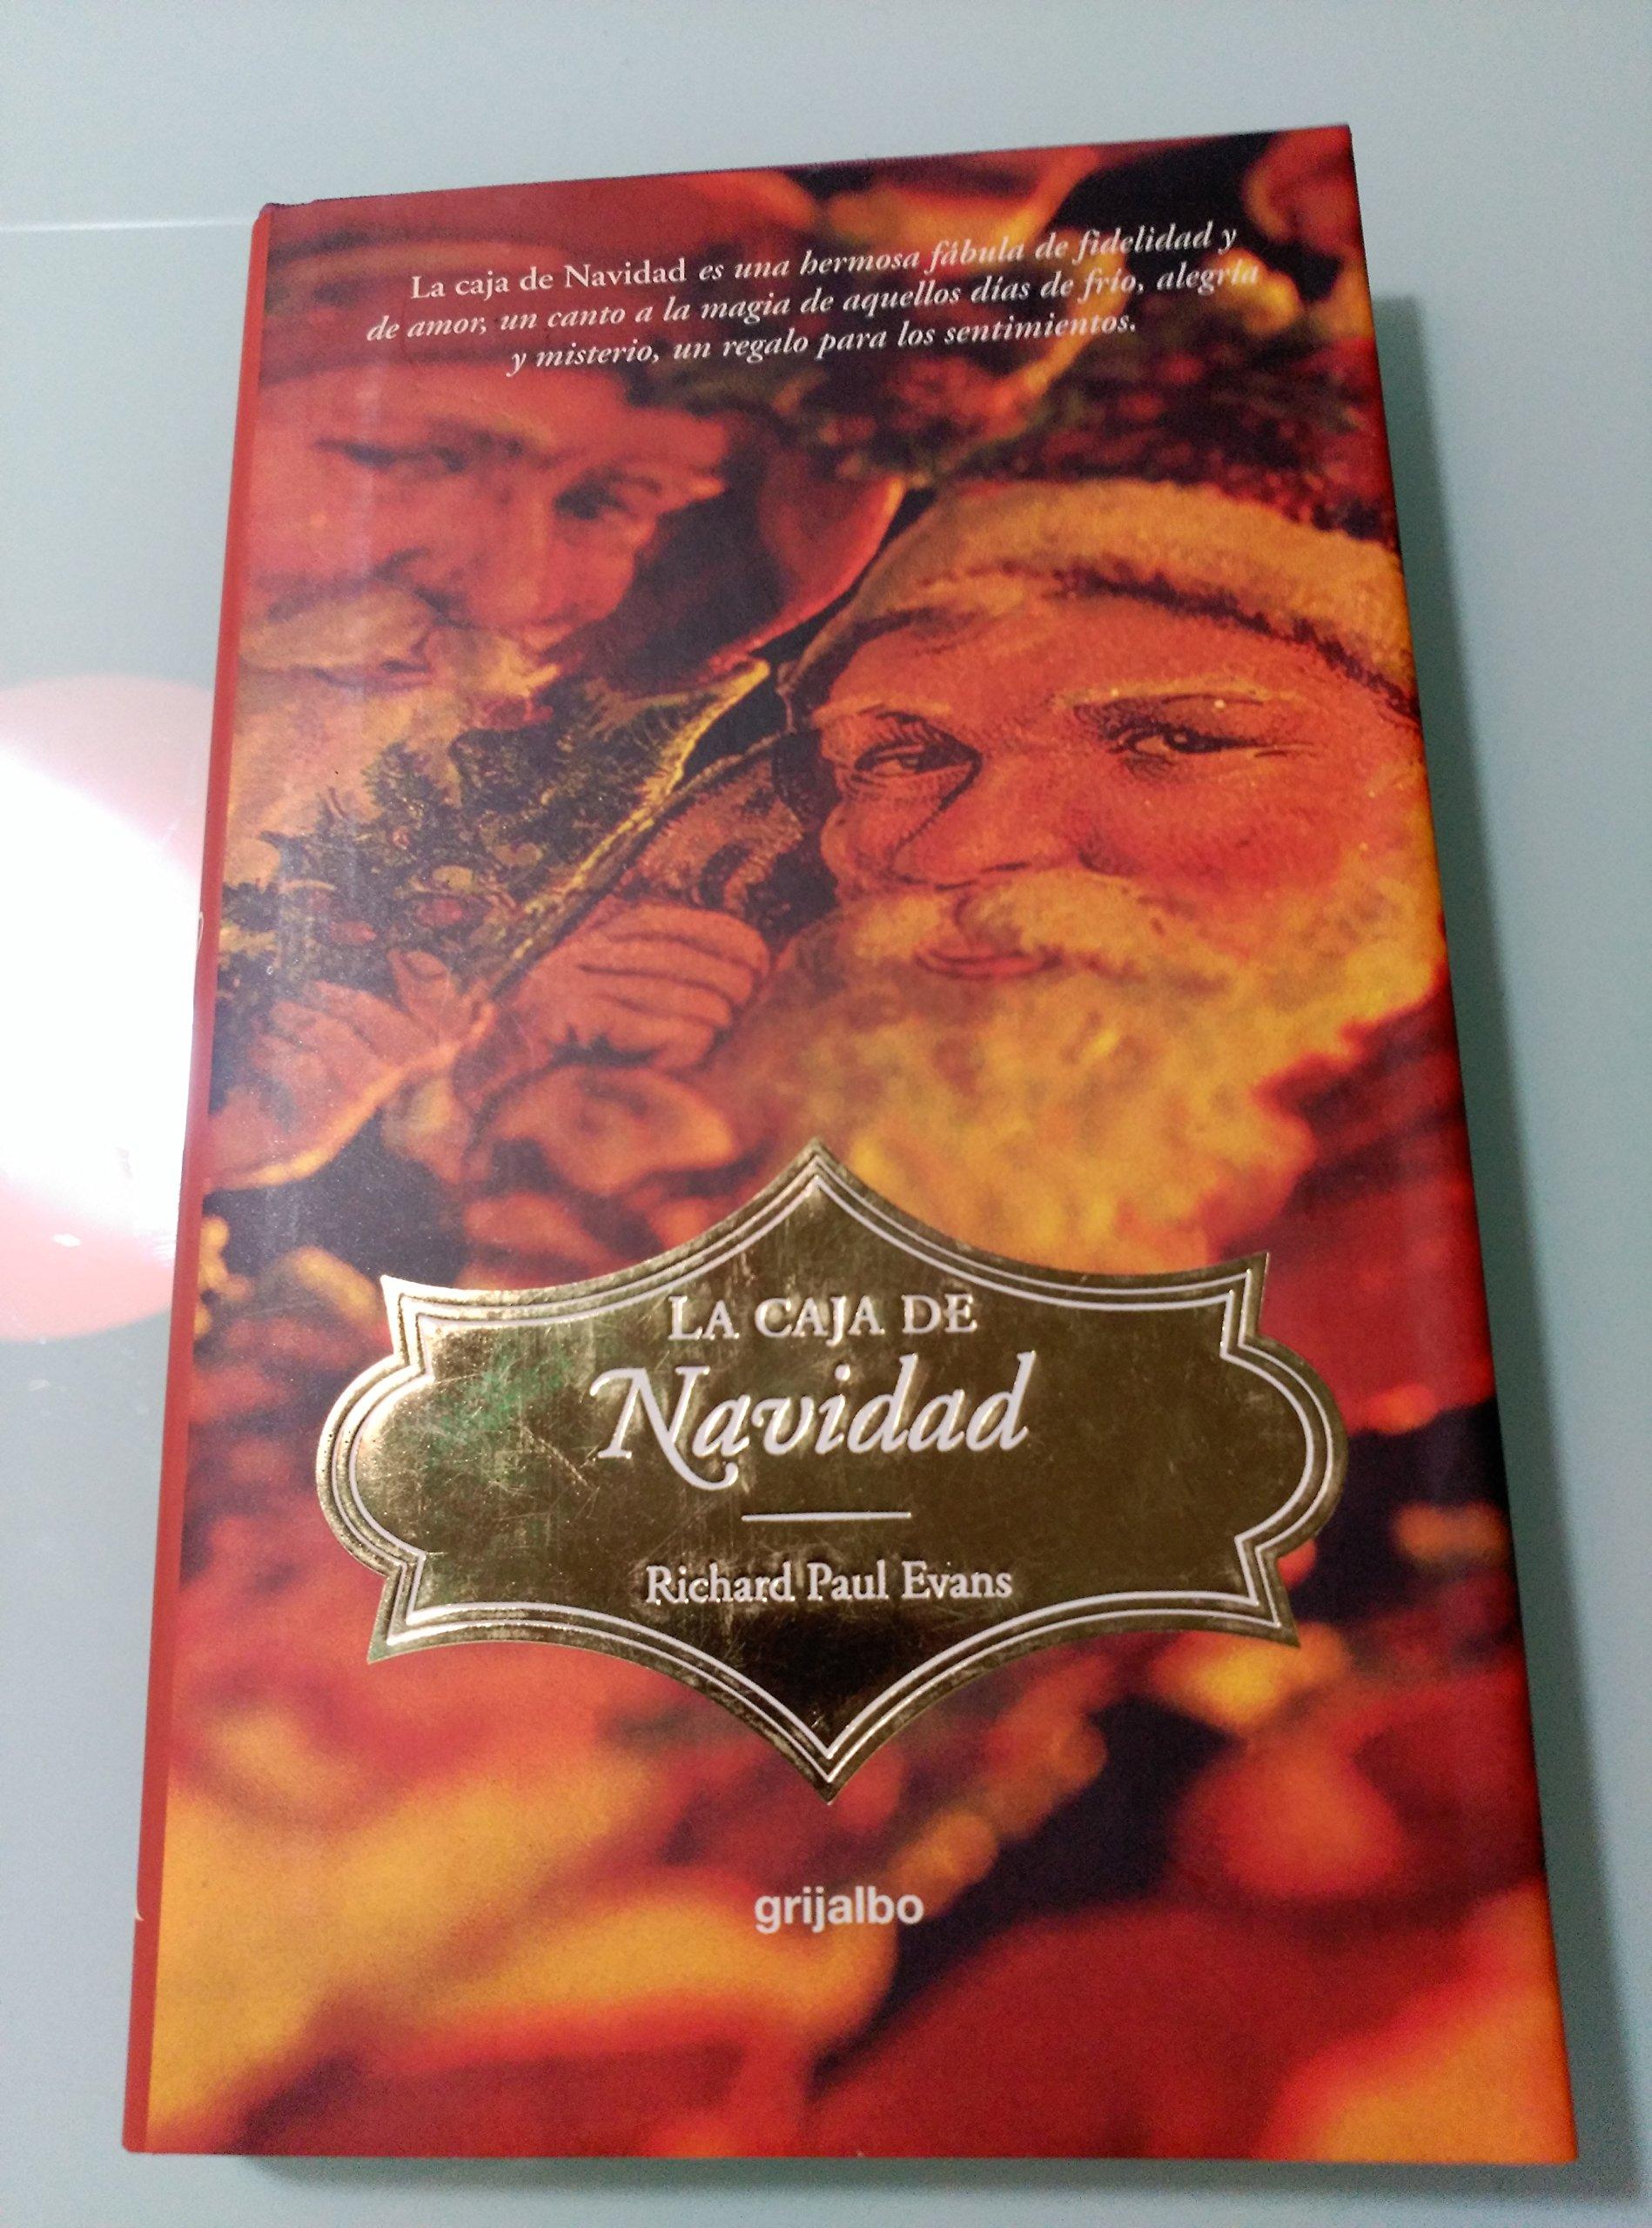 La caja de navidad: Amazon.es: Evans, Richard Paul: Libros